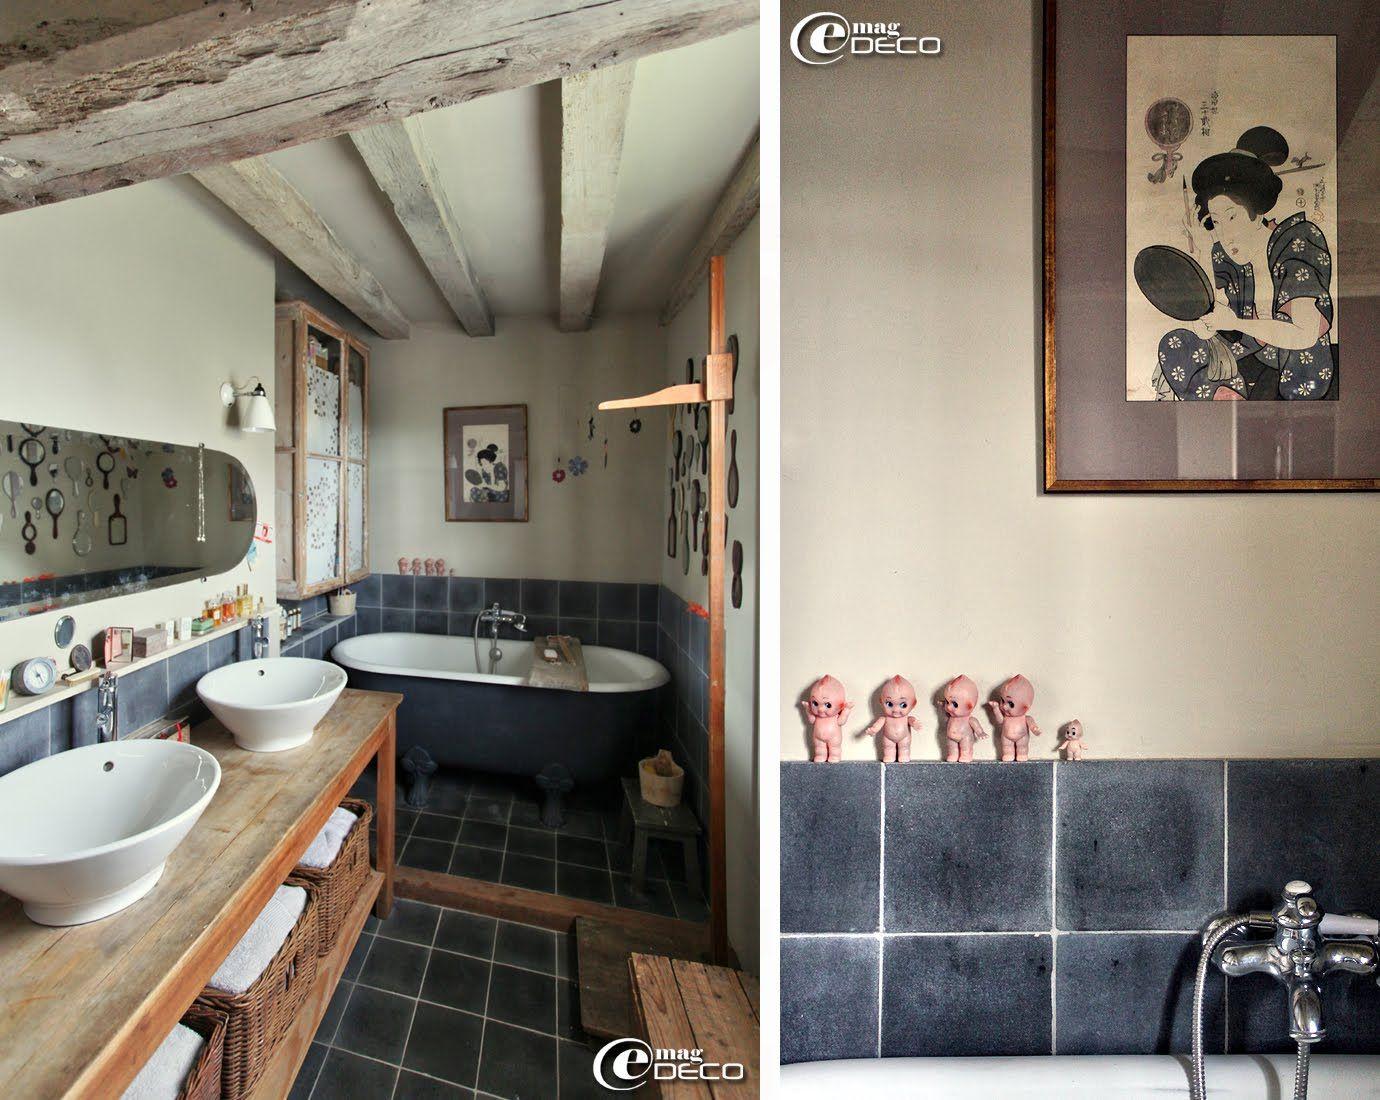 decoration interieure longere pour la d co de la maison pinterest long re d coration. Black Bedroom Furniture Sets. Home Design Ideas